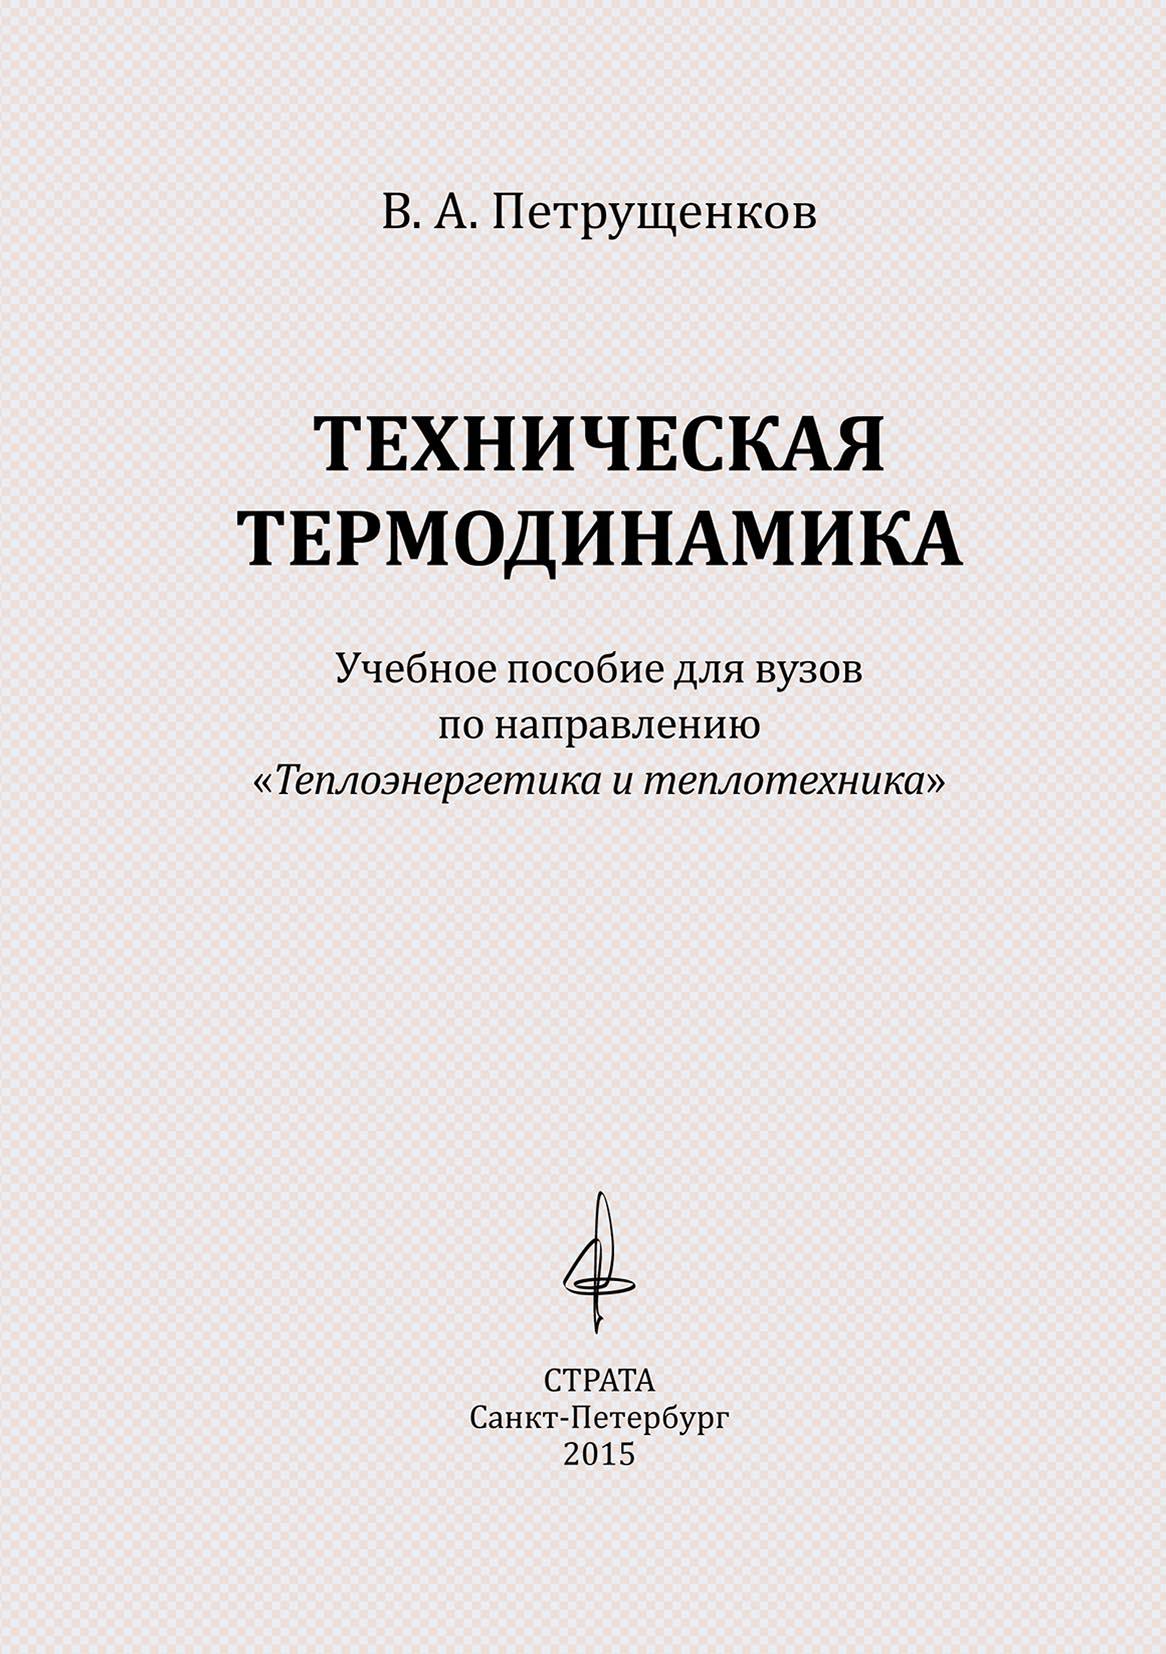 Валерий Петрущенков / Техническая термодинамика